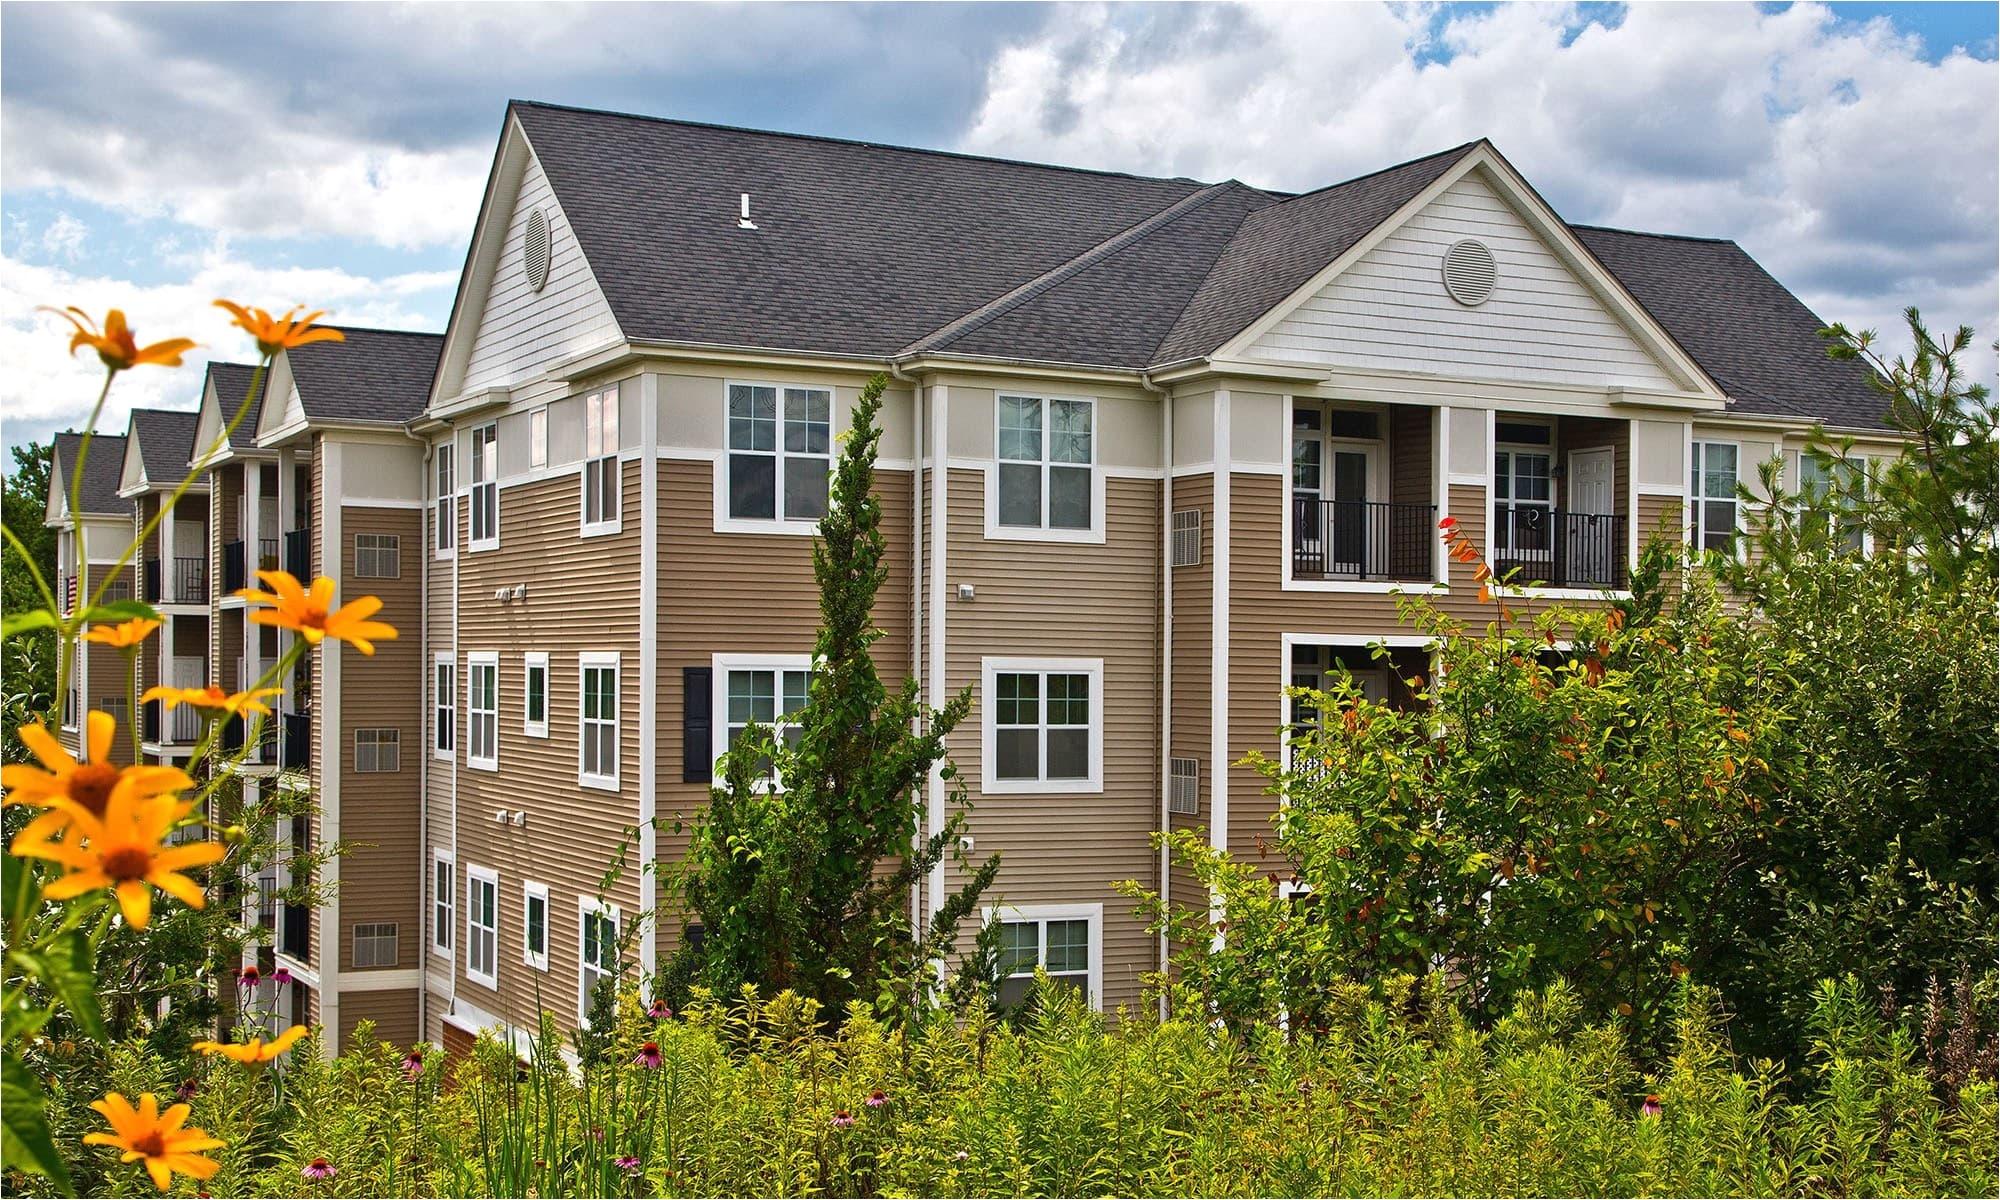 One Bedroom Apartments In Meriden Ct Eastside Meriden Ct Apartments for Rent Alvista Willow Brook